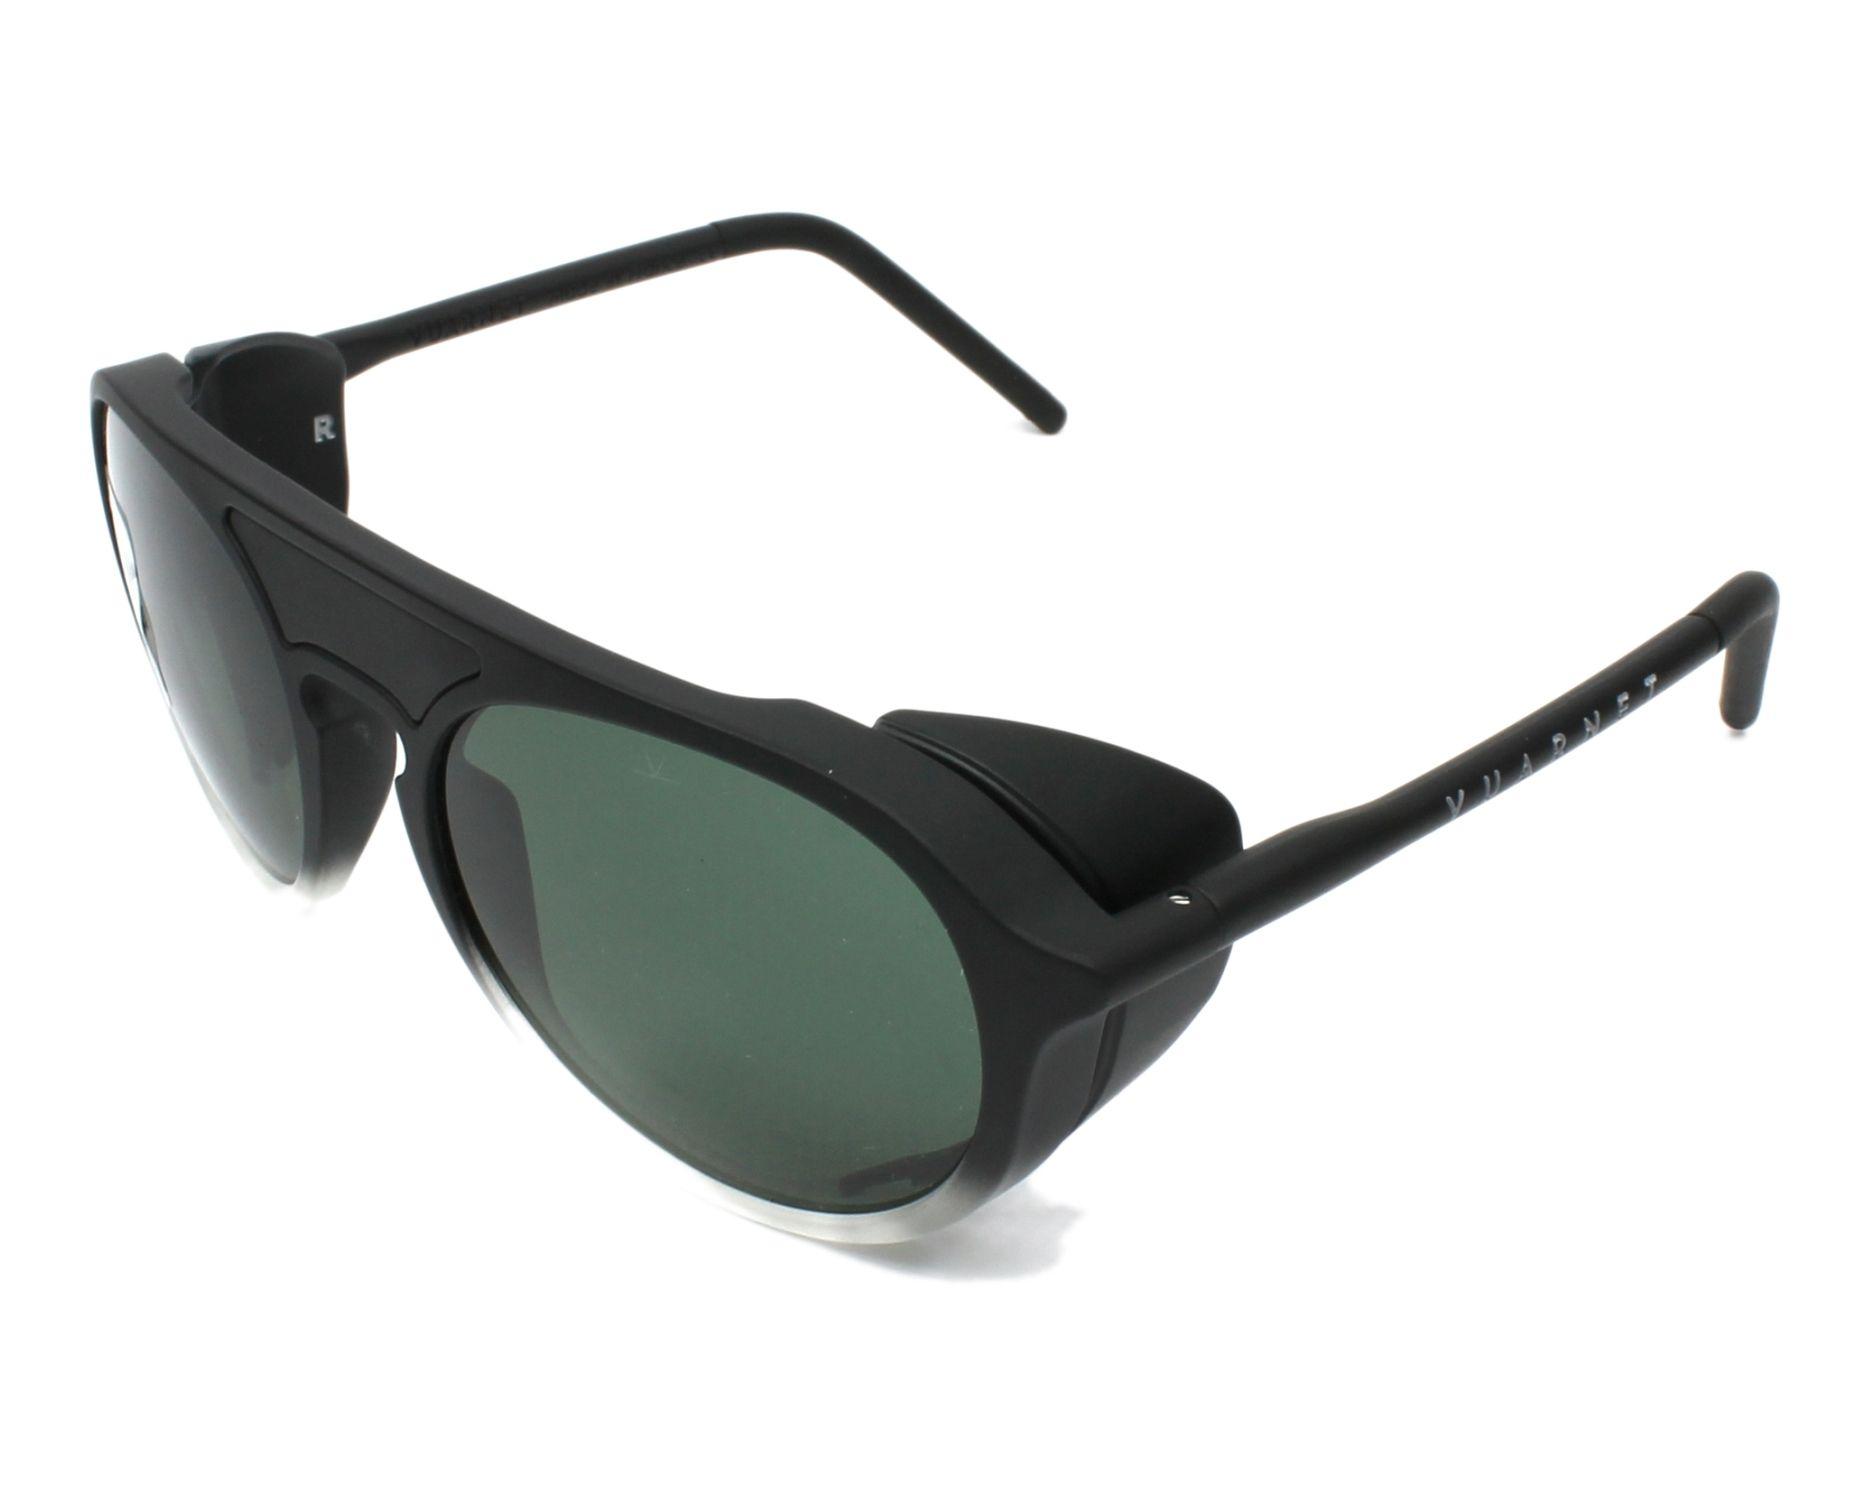 cc99fe7e053 soleil ligne Acheter lunettes à des prix en de très bas Vuarnet fZZgx41qw